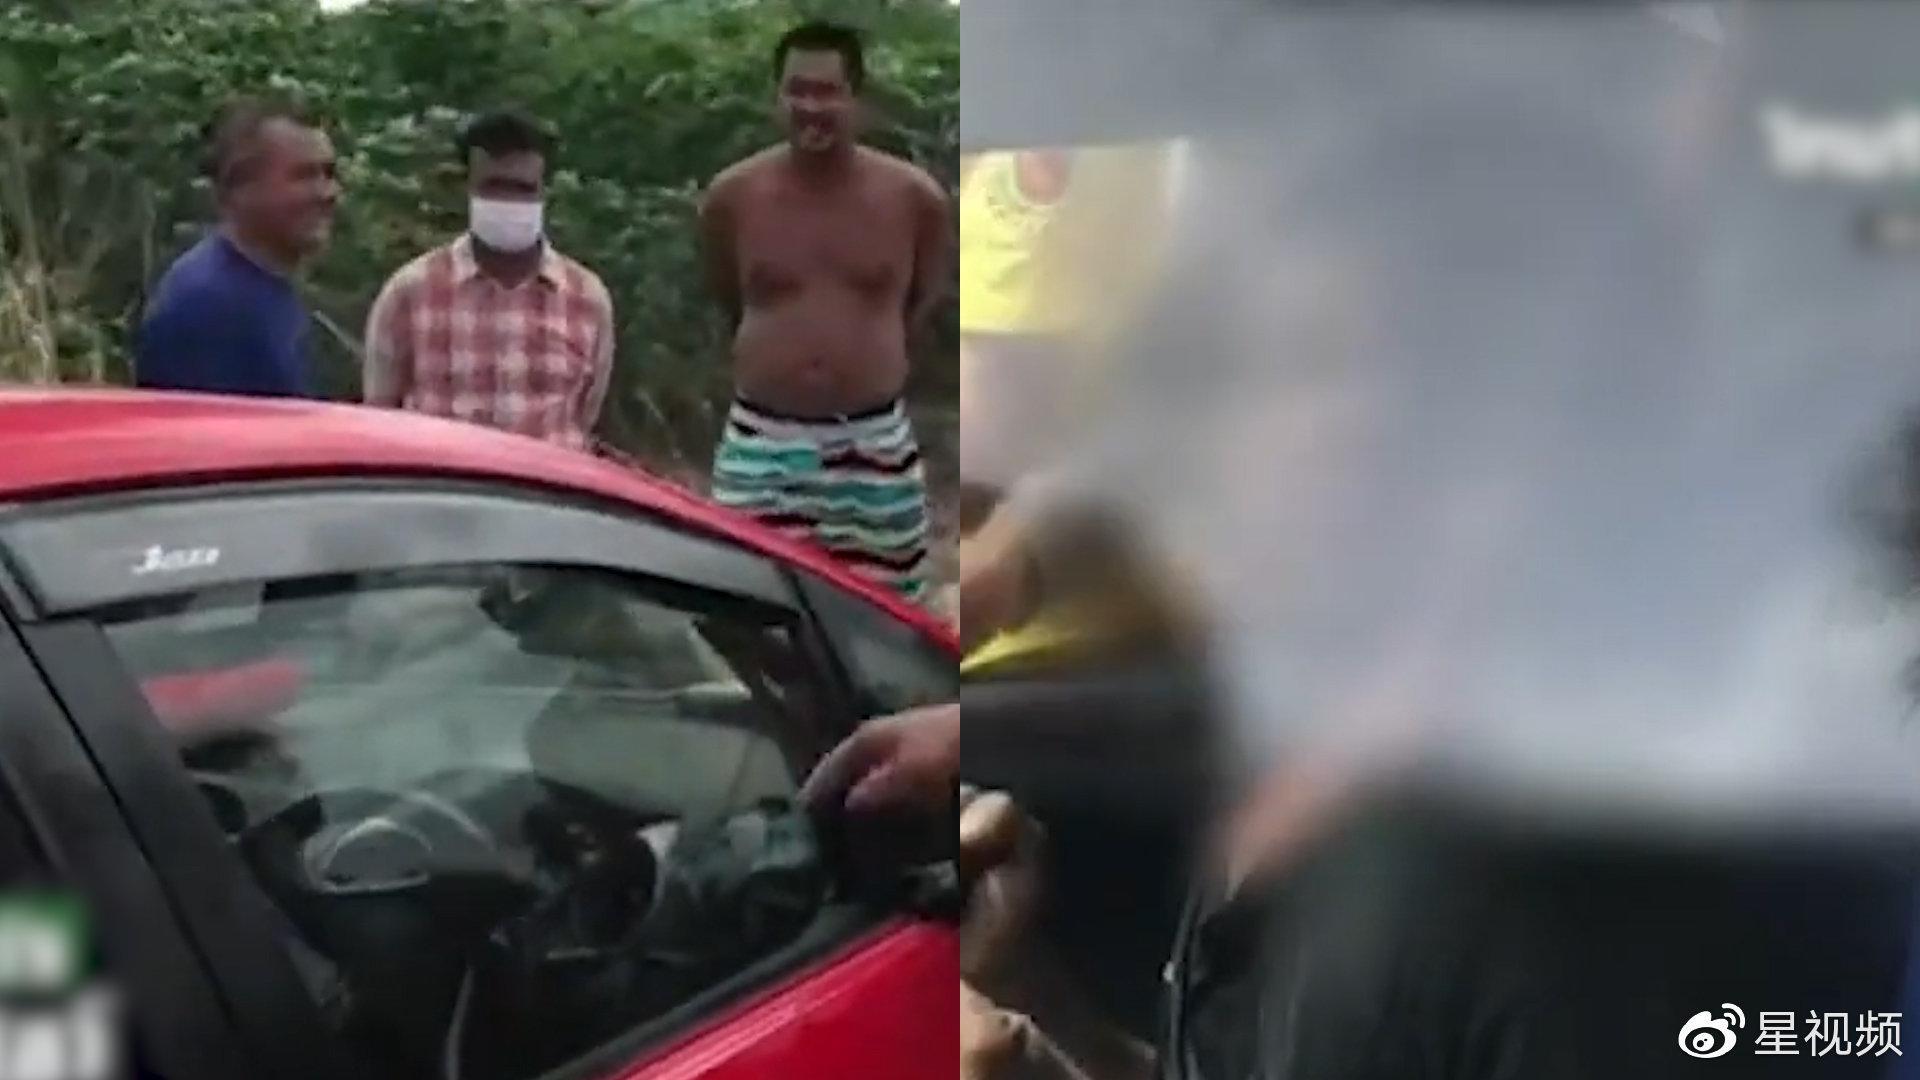 男子盗车后遇故障反困车内窒息昏迷……